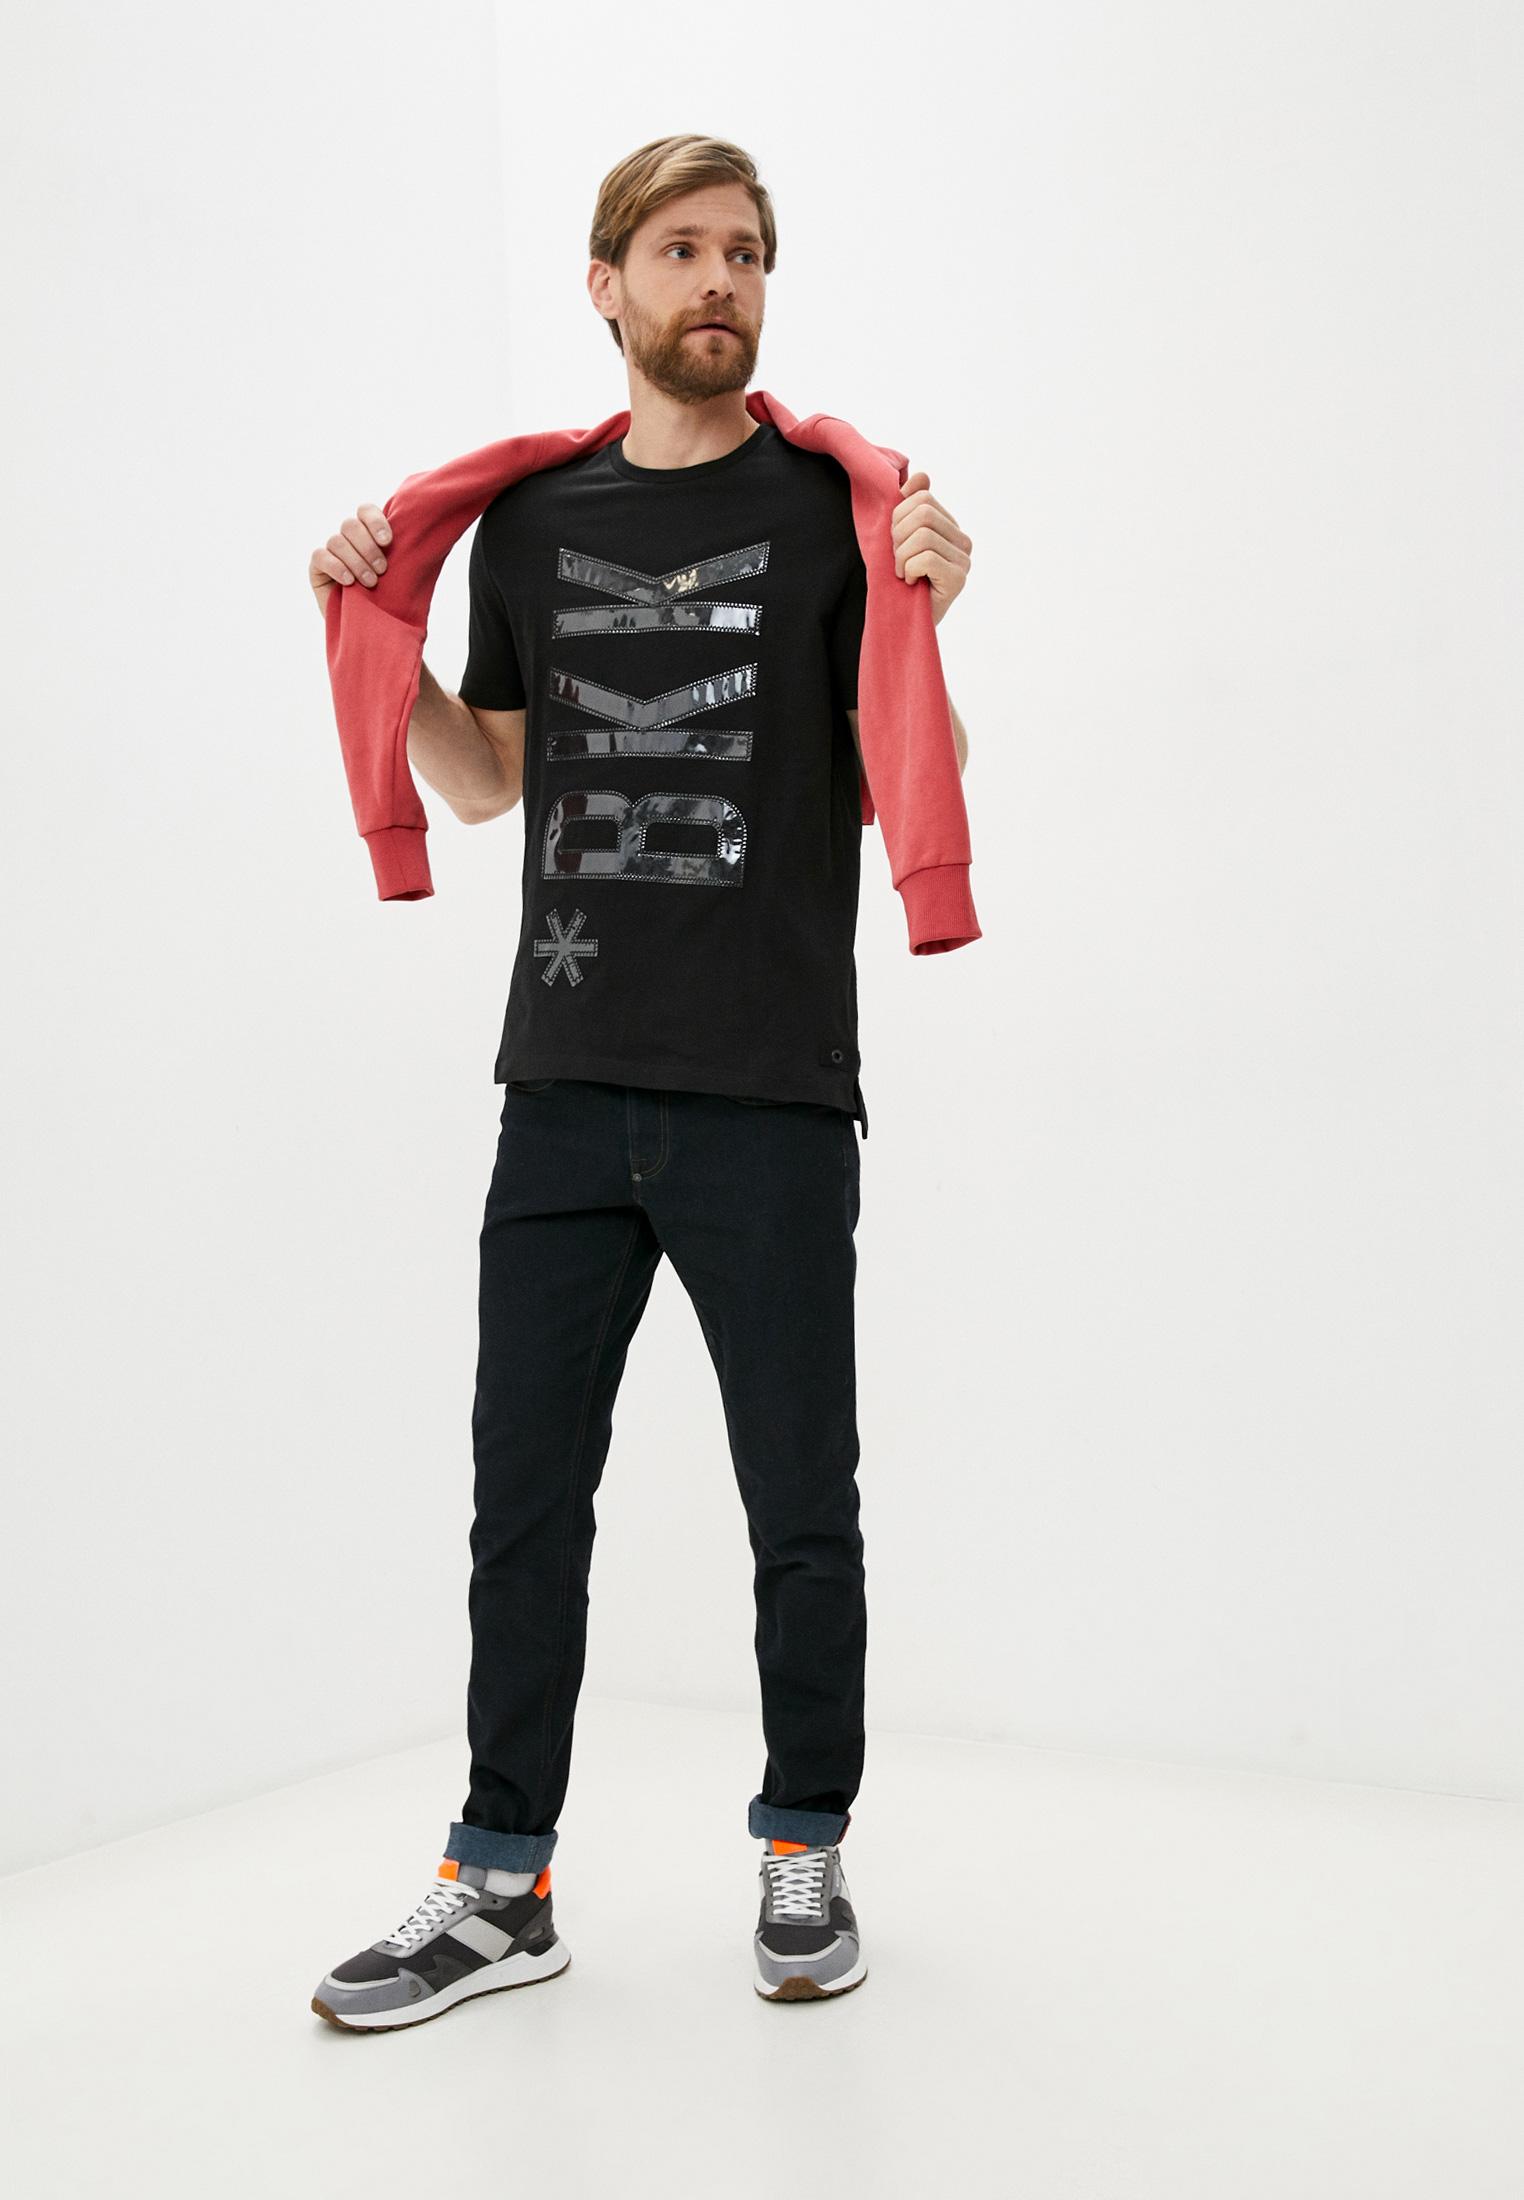 Мужские прямые джинсы Bikkembergs (Биккембергс) C Q 101 01 S 3333: изображение 3